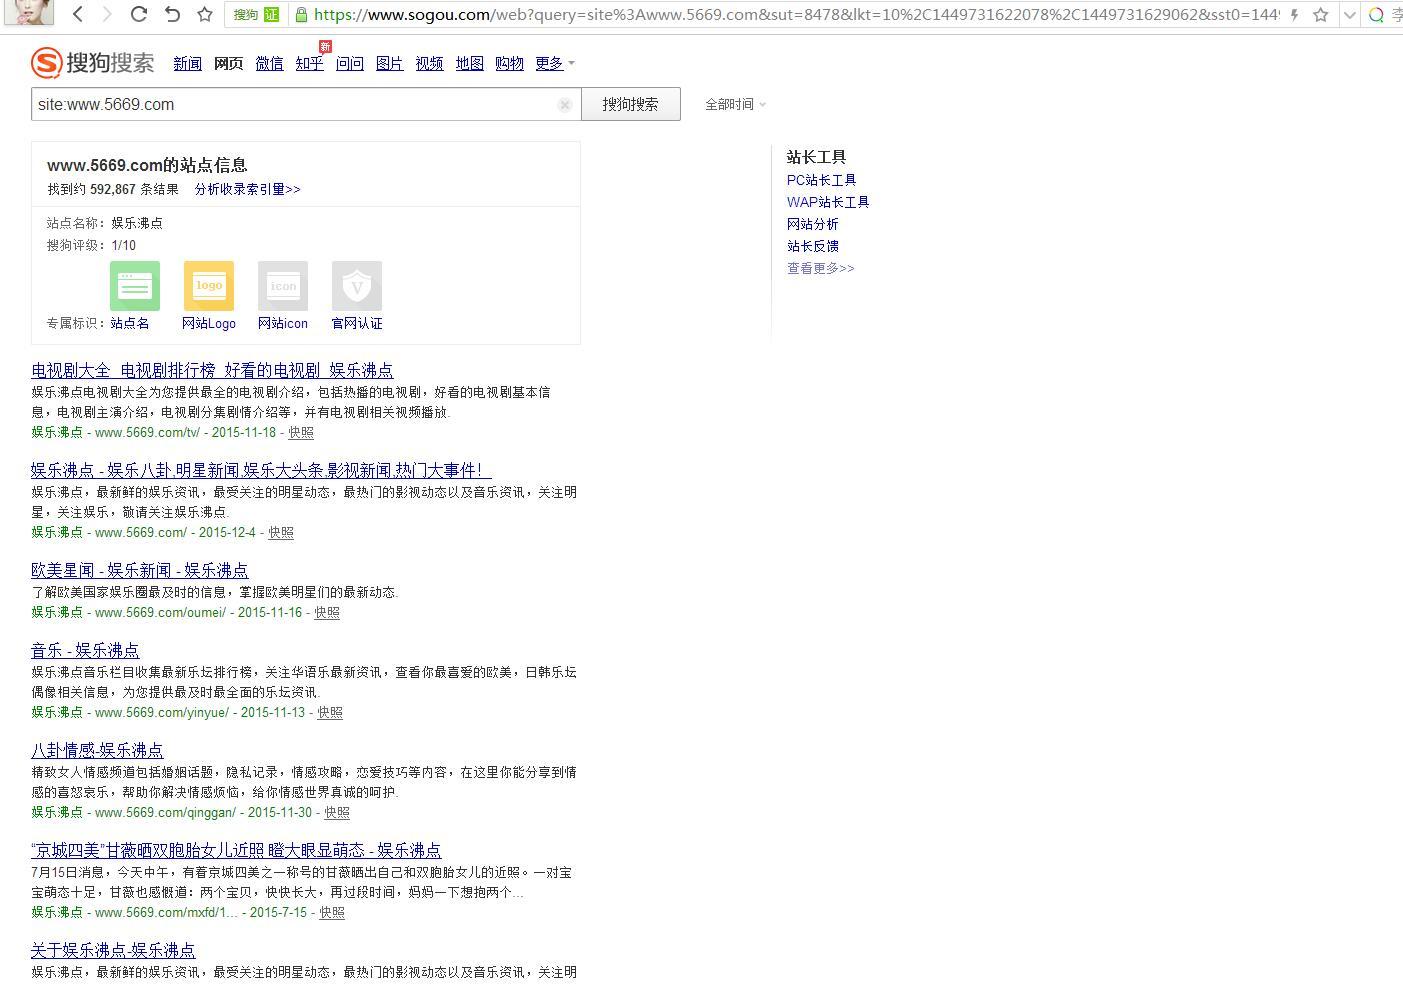 在搜狗搜索引擎展示正常.jpg